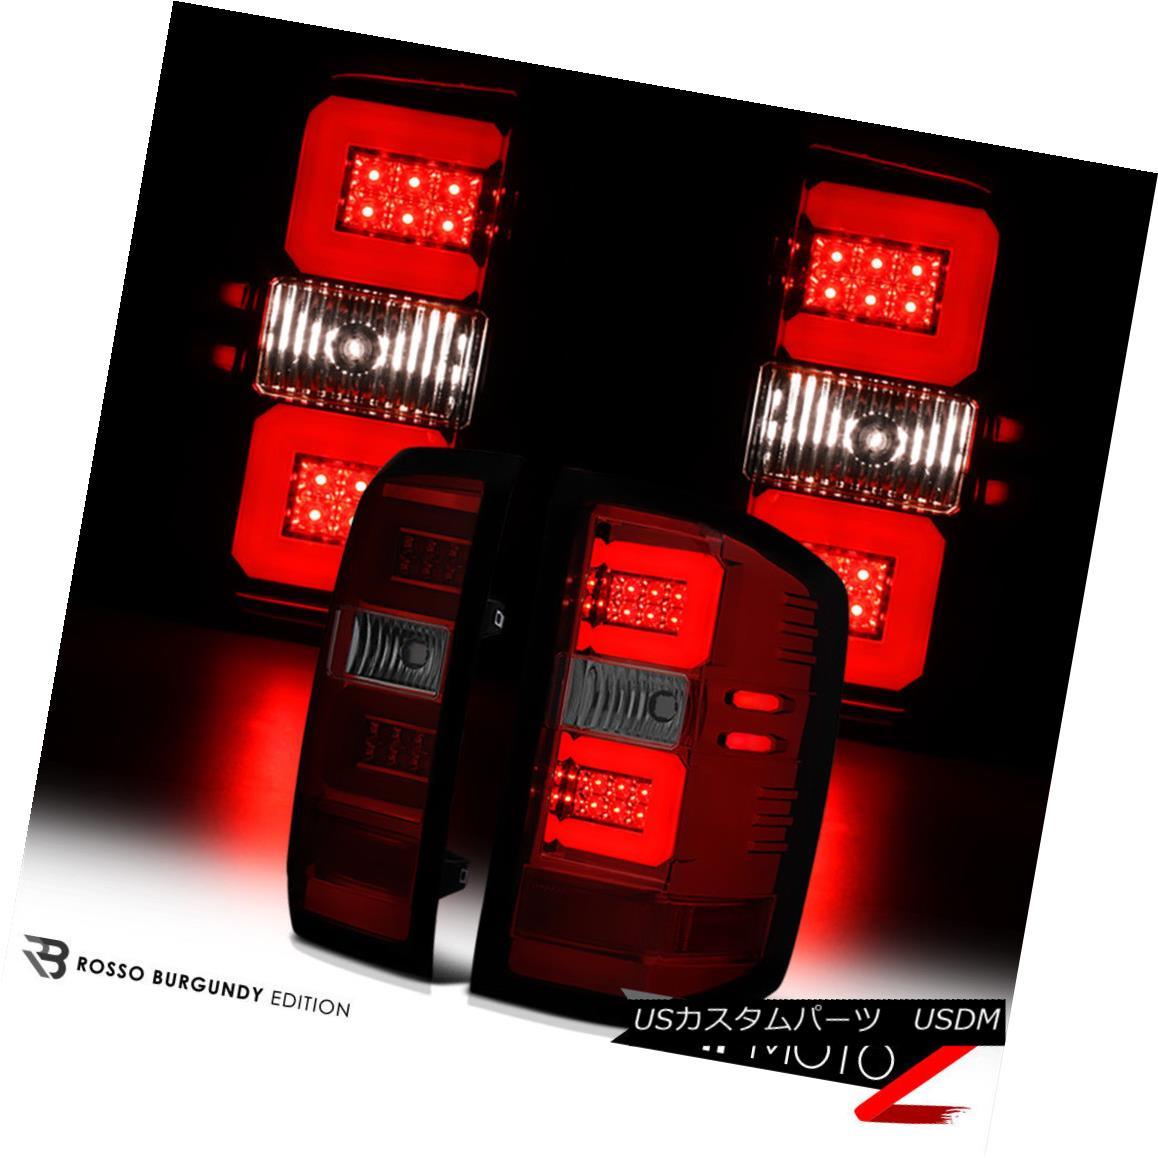 テールライト 2014-2018 Chevy Silverado WINE RED LED Fiber Optic S.M.D Rear Brake Tail Lights 2014-2018 Chevy SilveradoワインレッドLED光ファイバーS.M.Dリアブレーキテールライト